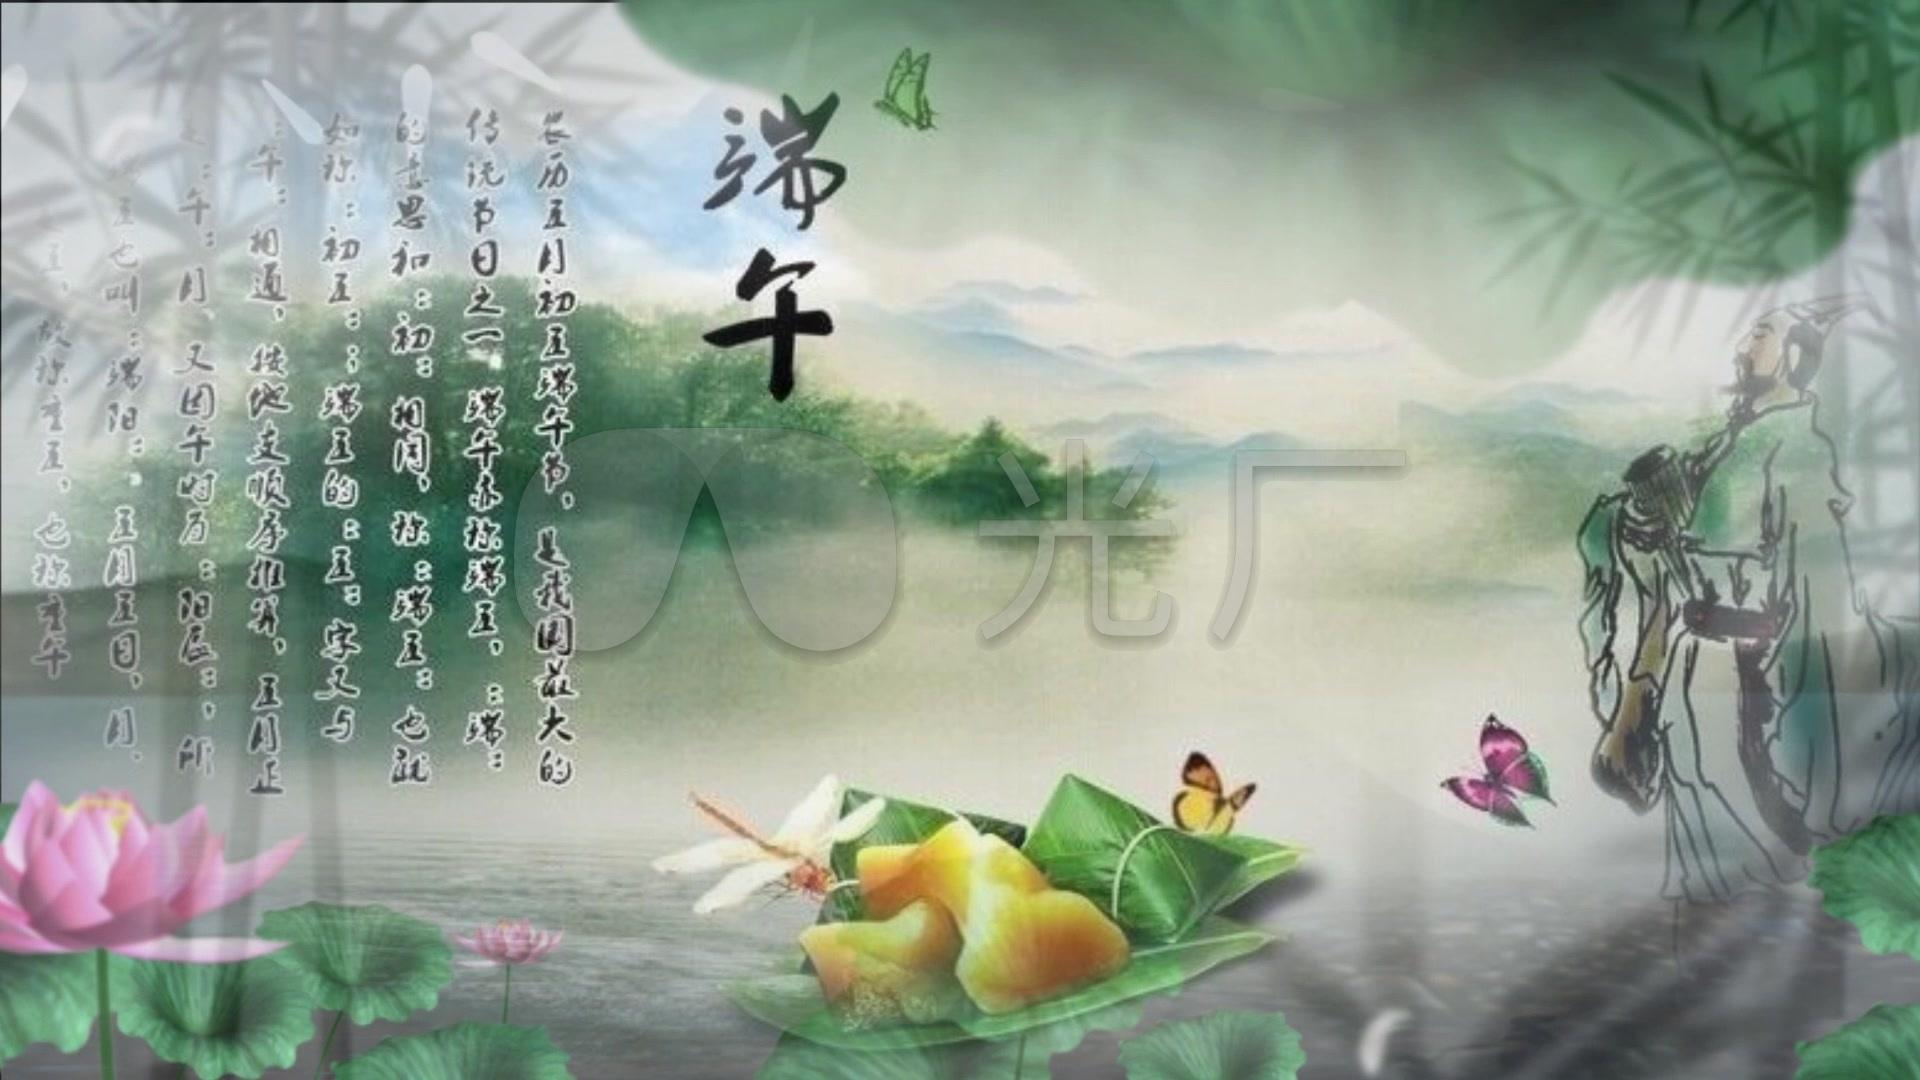 骚张一一舞蹈纪念屈原视频背景离骚配乐成_1火歌曲舞台超图片